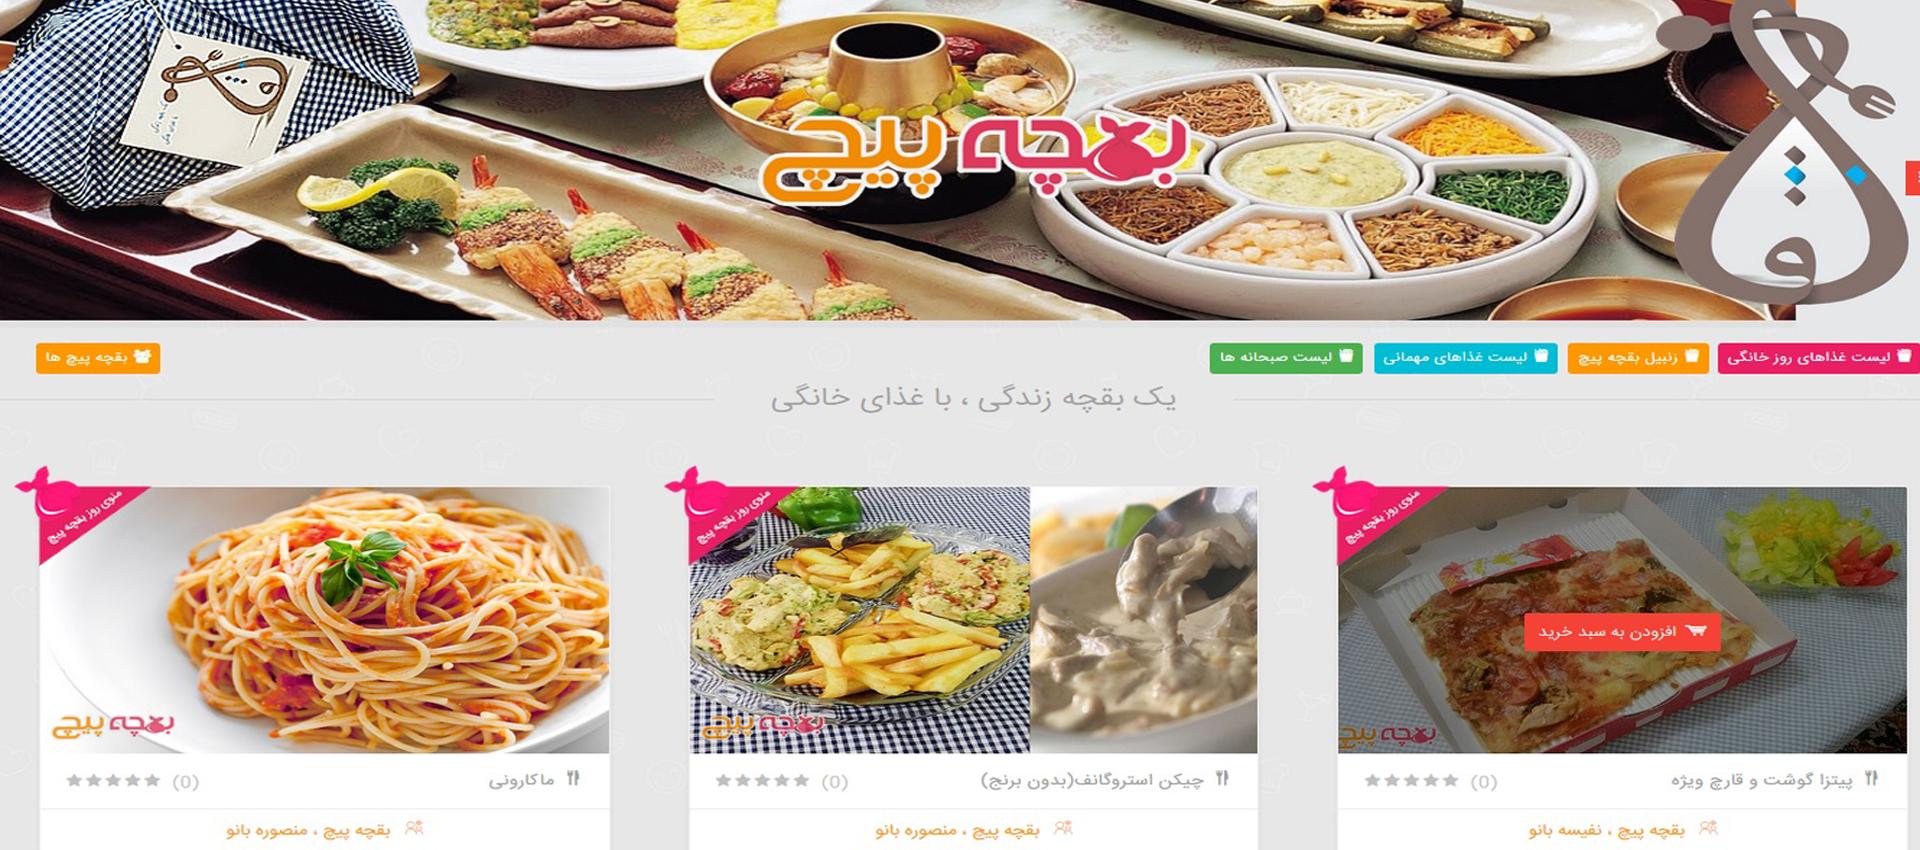 سامانه فروش غذای خانگی بقچه پیچ